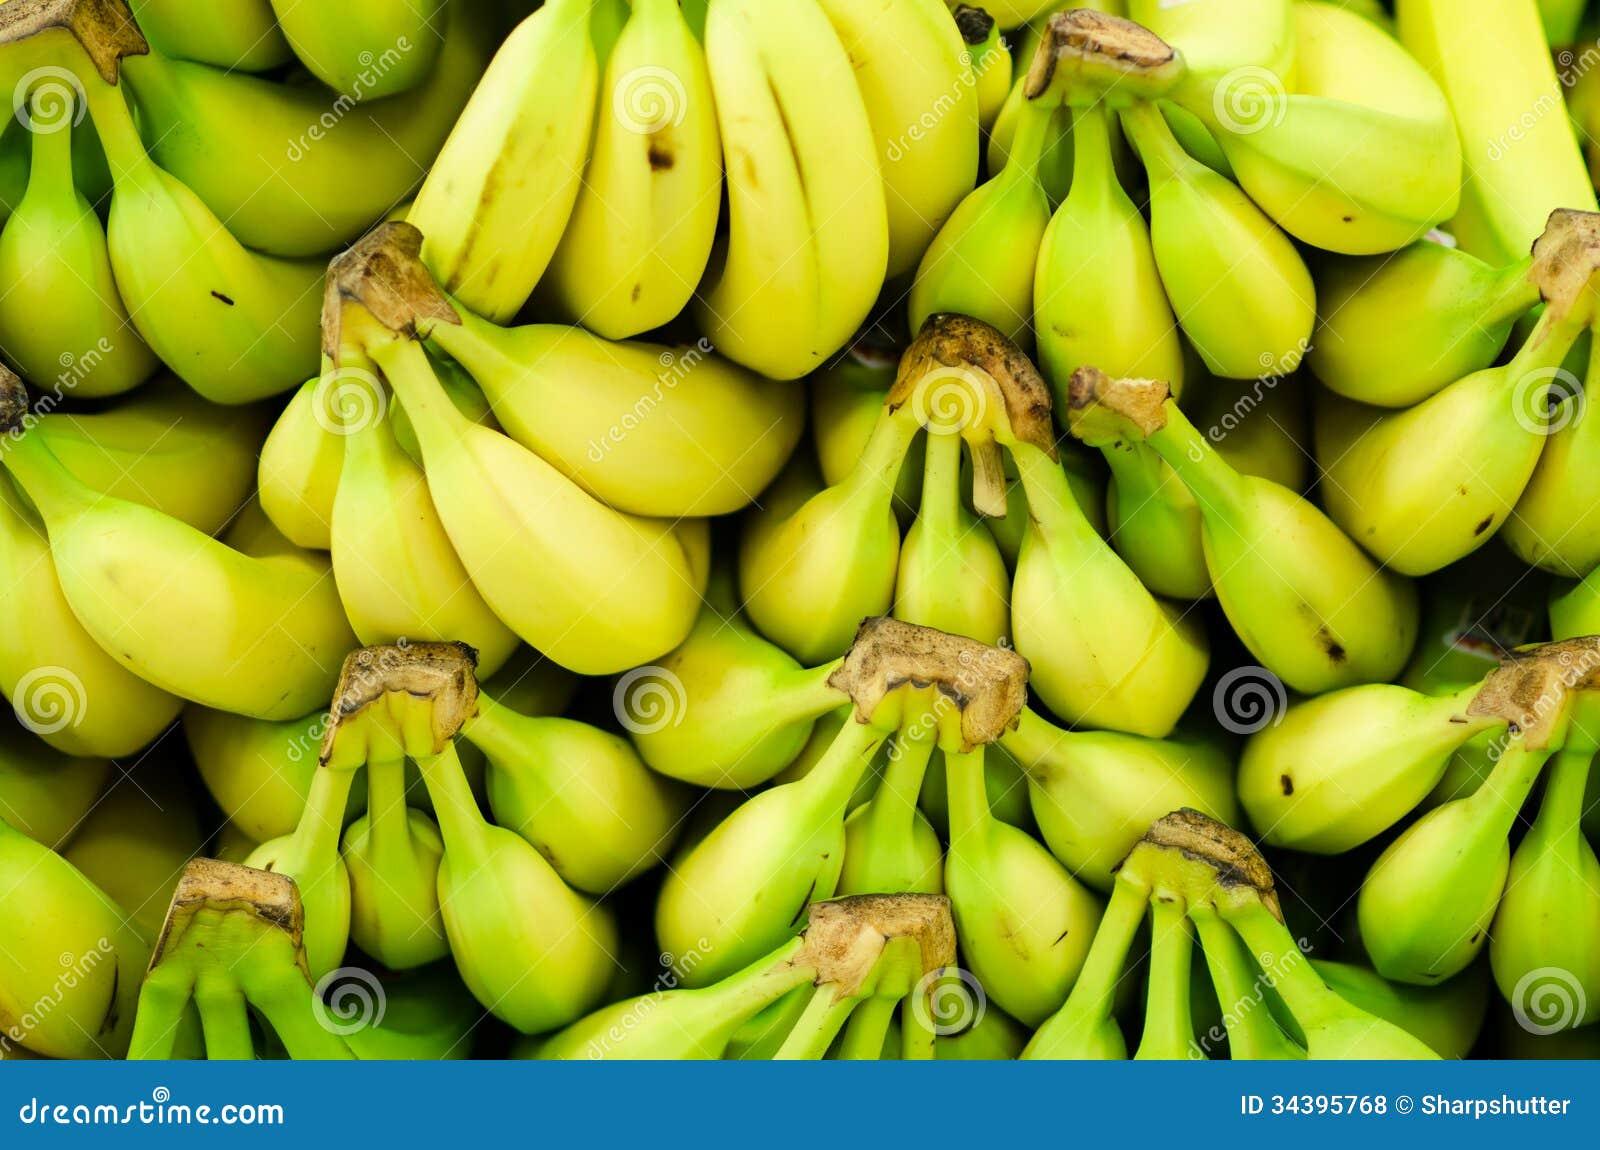 Bananas on display stock photo. Image of fresh, display ...